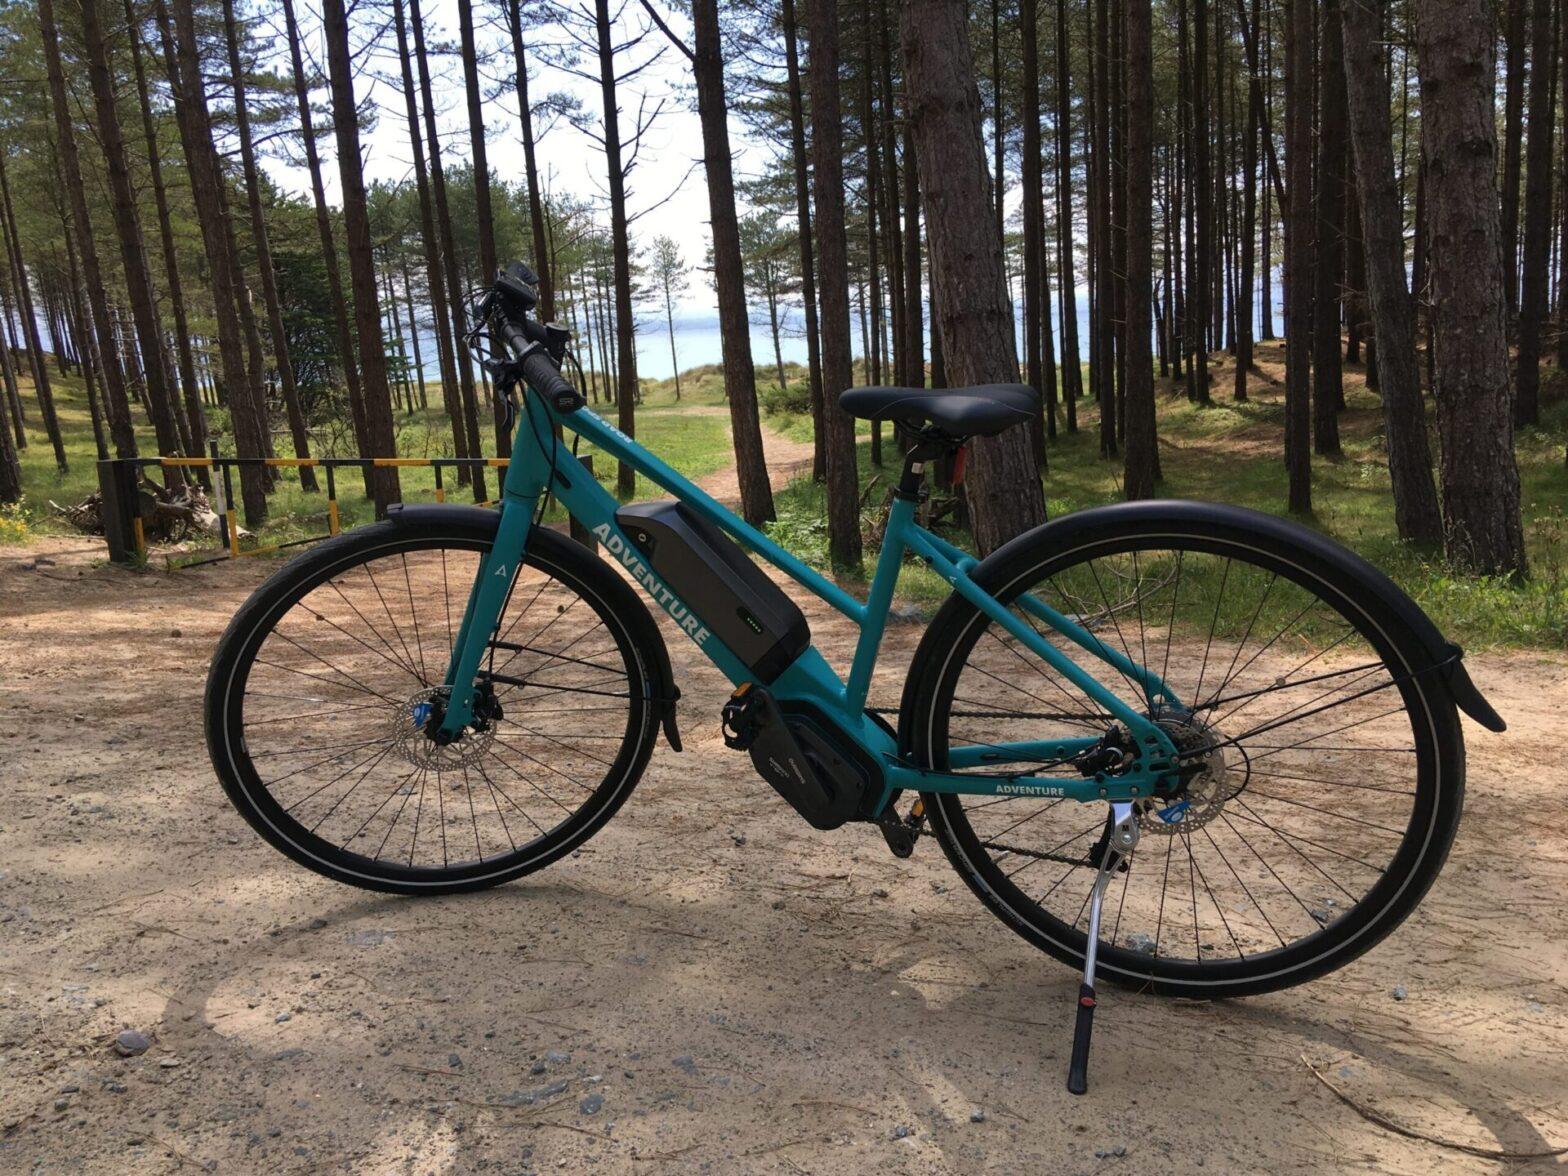 An electric bike in Newborough forest.